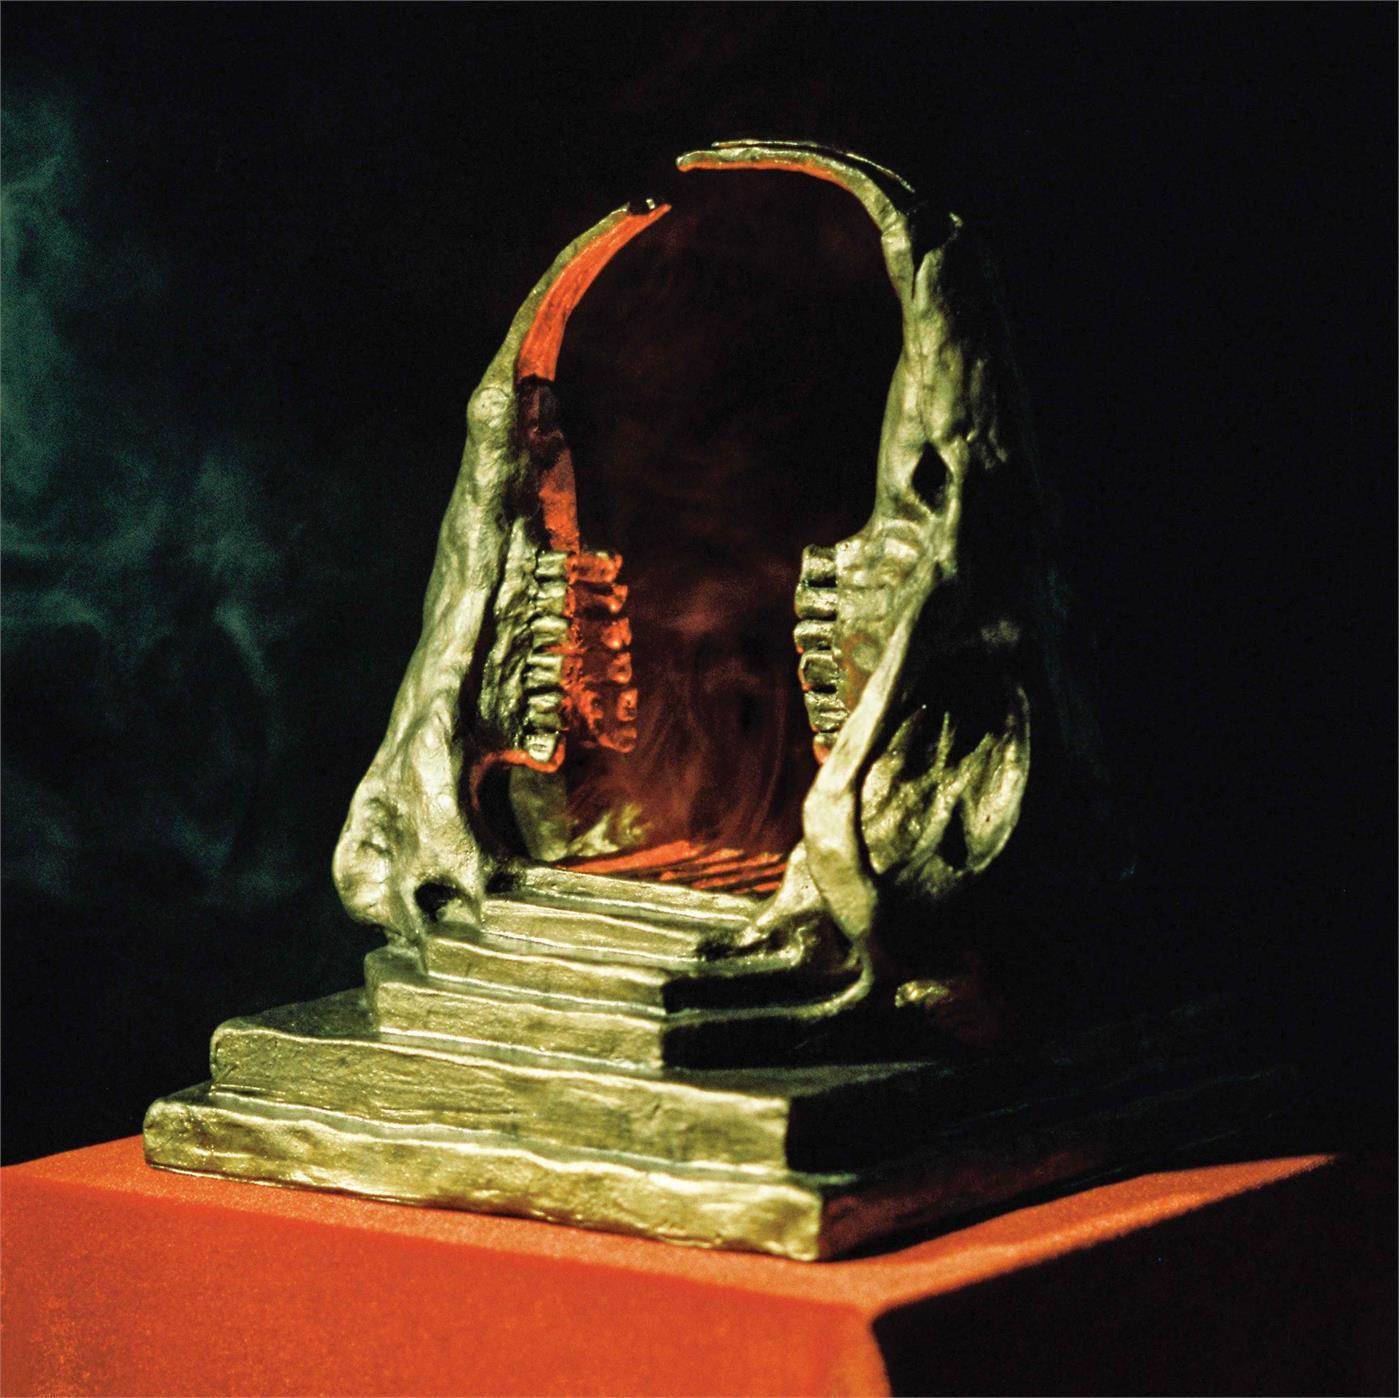 King Gizzard & The Lizard Wizard - Infest The Rats' Nest [LP]